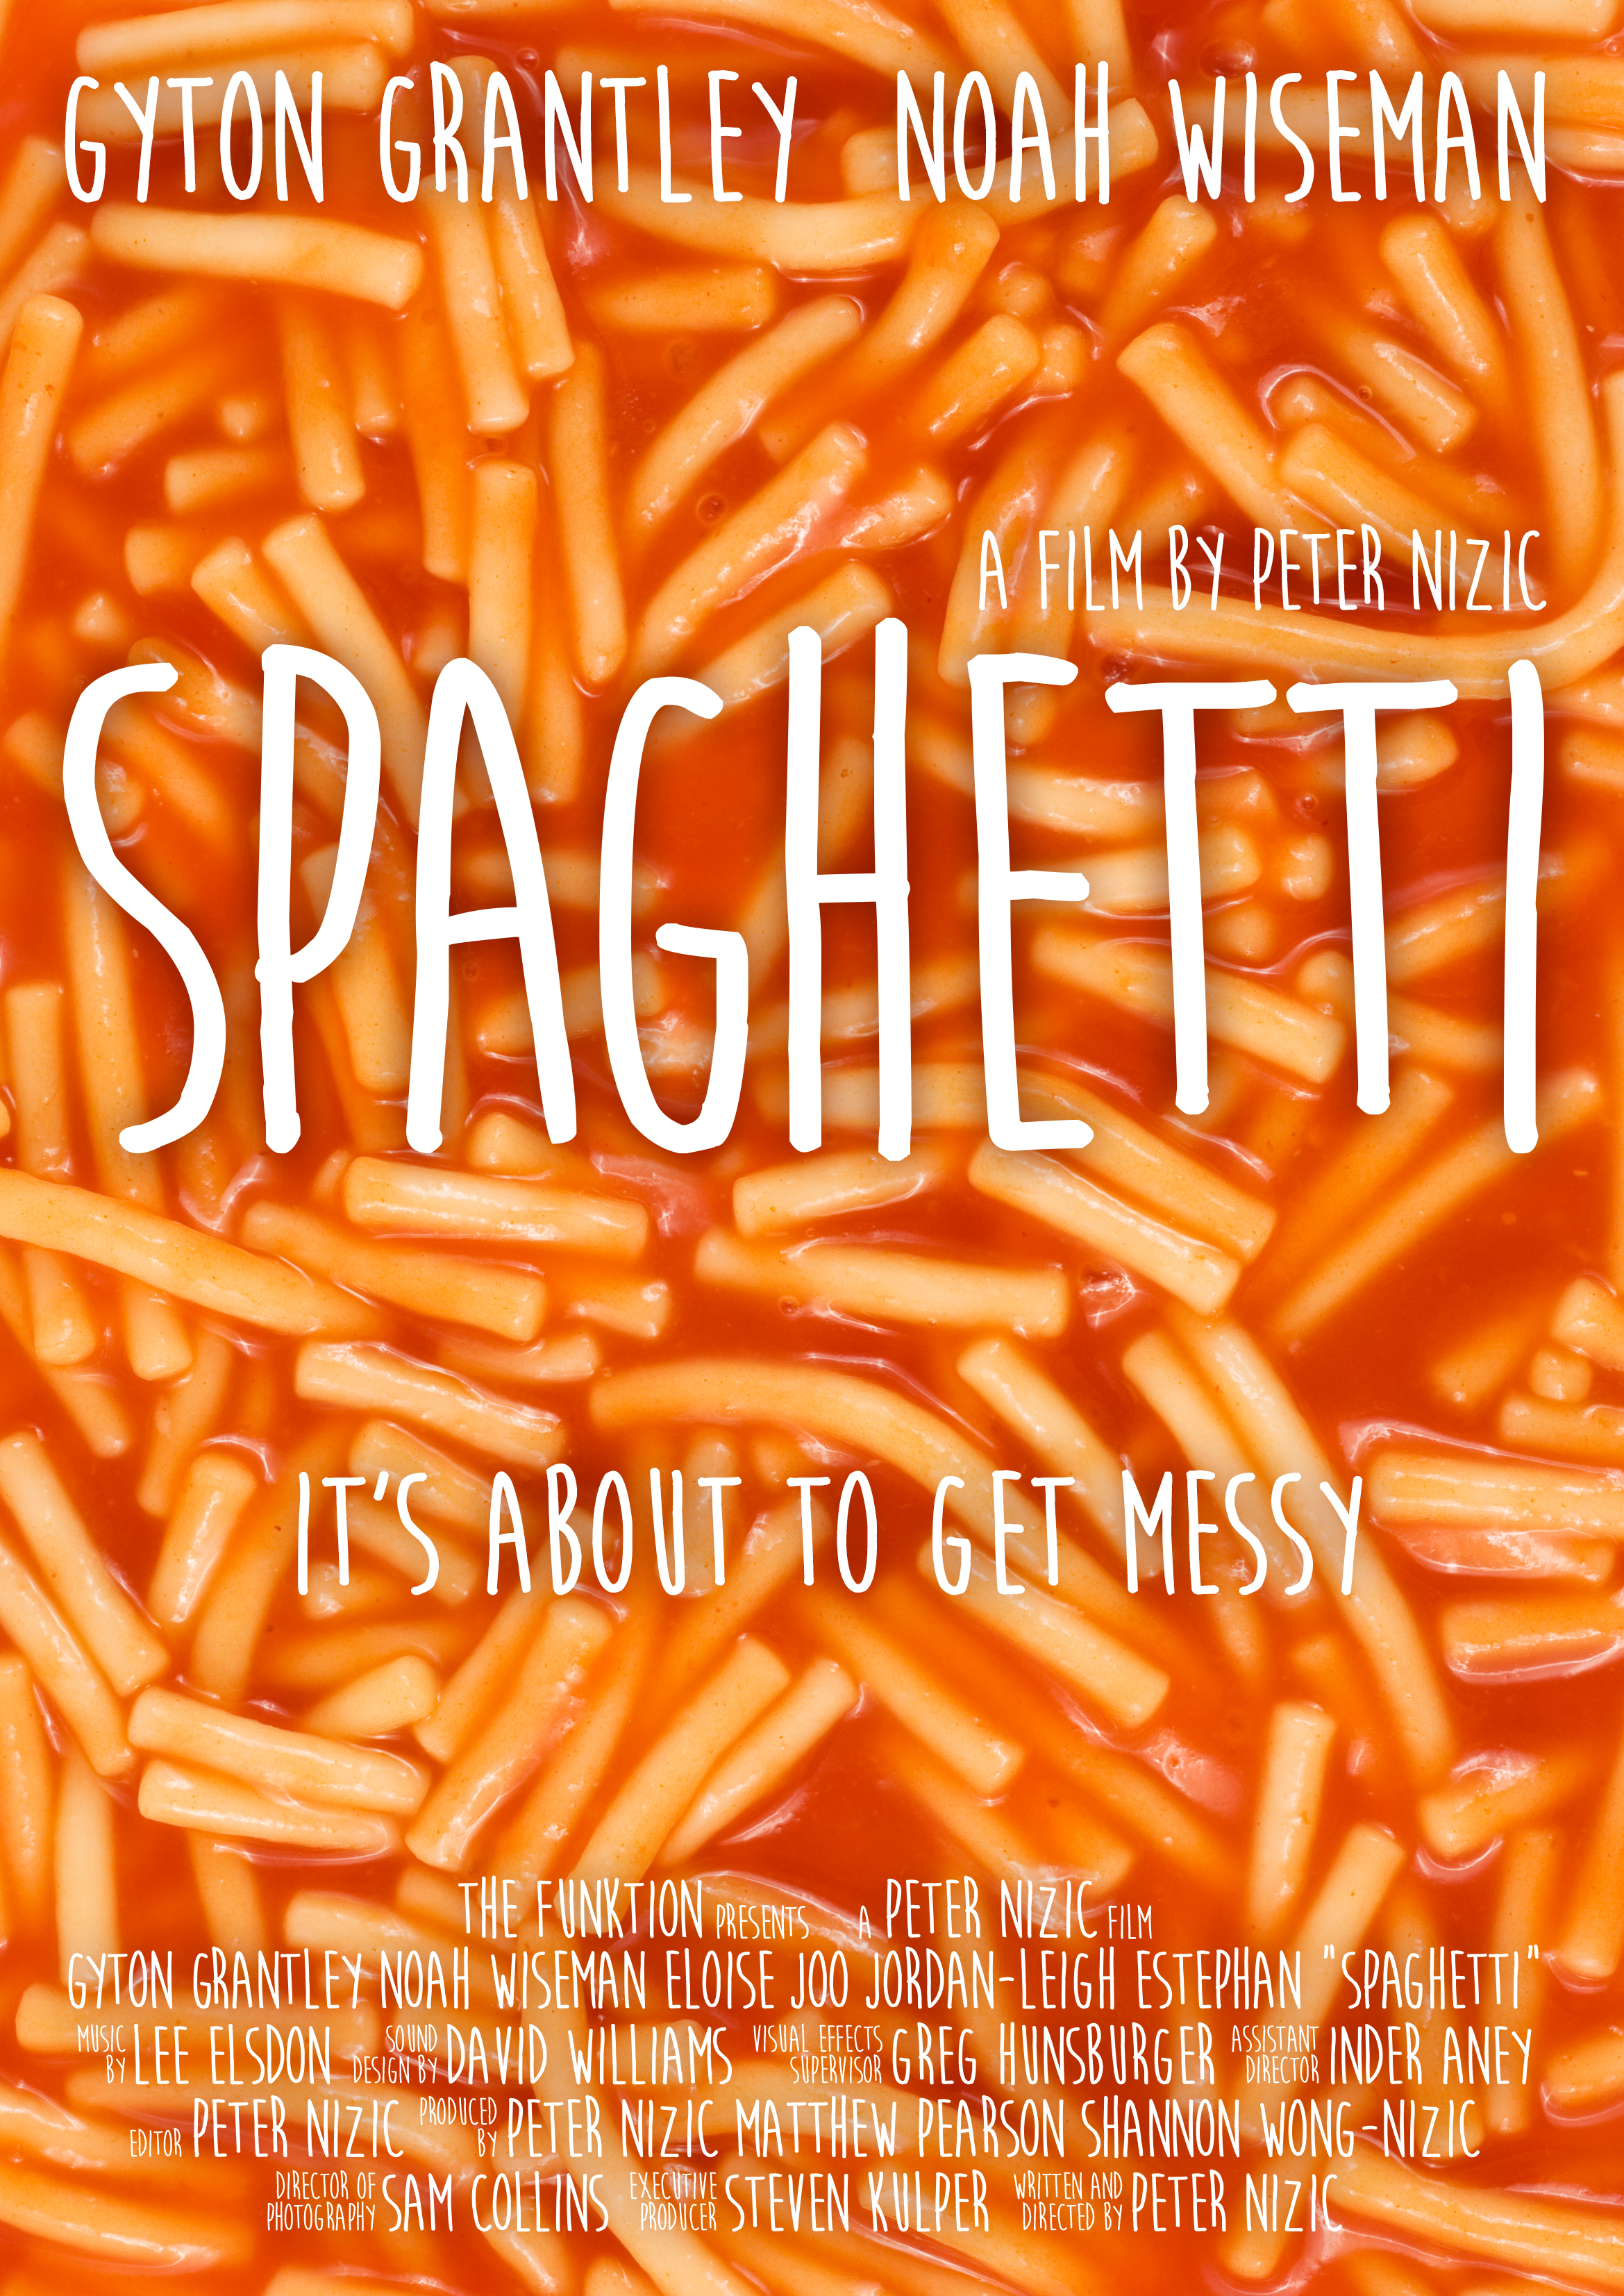 Alternate poster